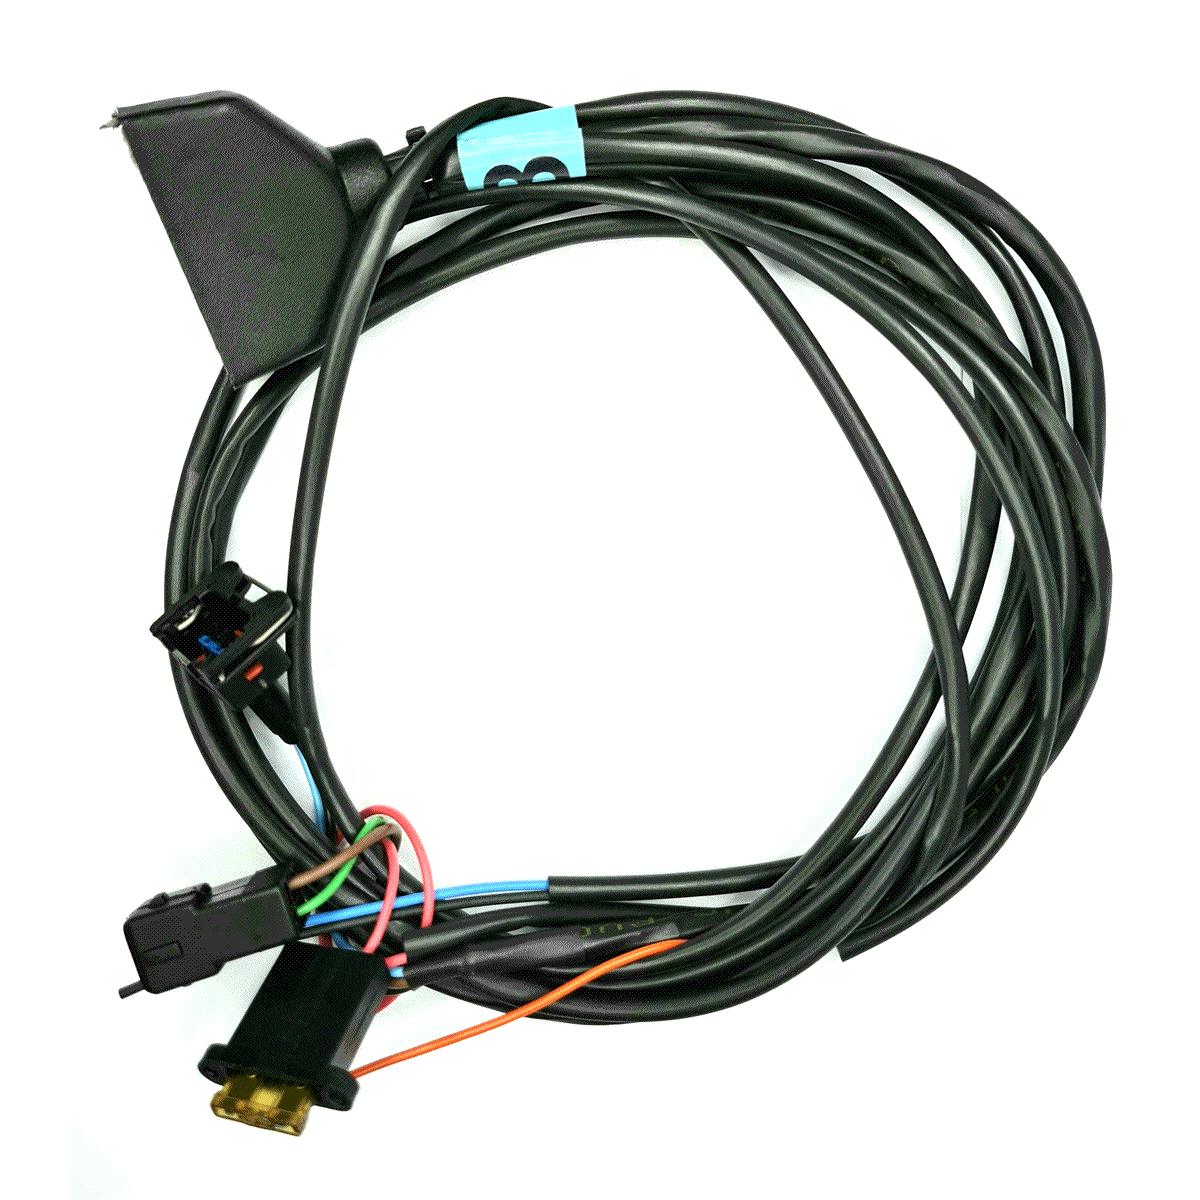 Variador de Avanço Roda Fônica Versa SR10 cabo B VERPTRO Ford (T30)